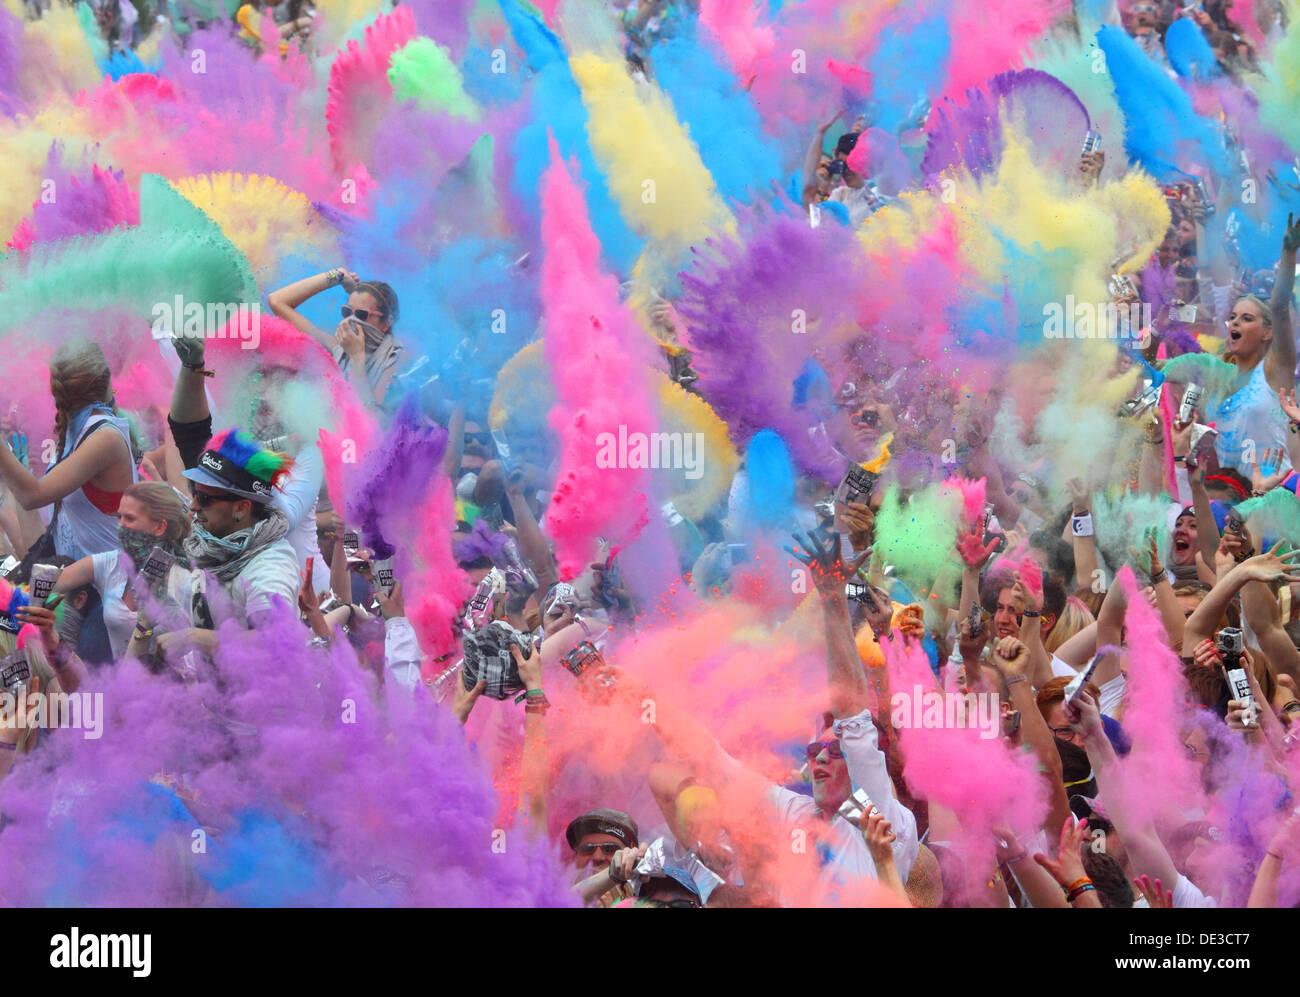 Berlín, Alemania, Batalla de pintura en polvo de la Indian Holi festival Imagen De Stock